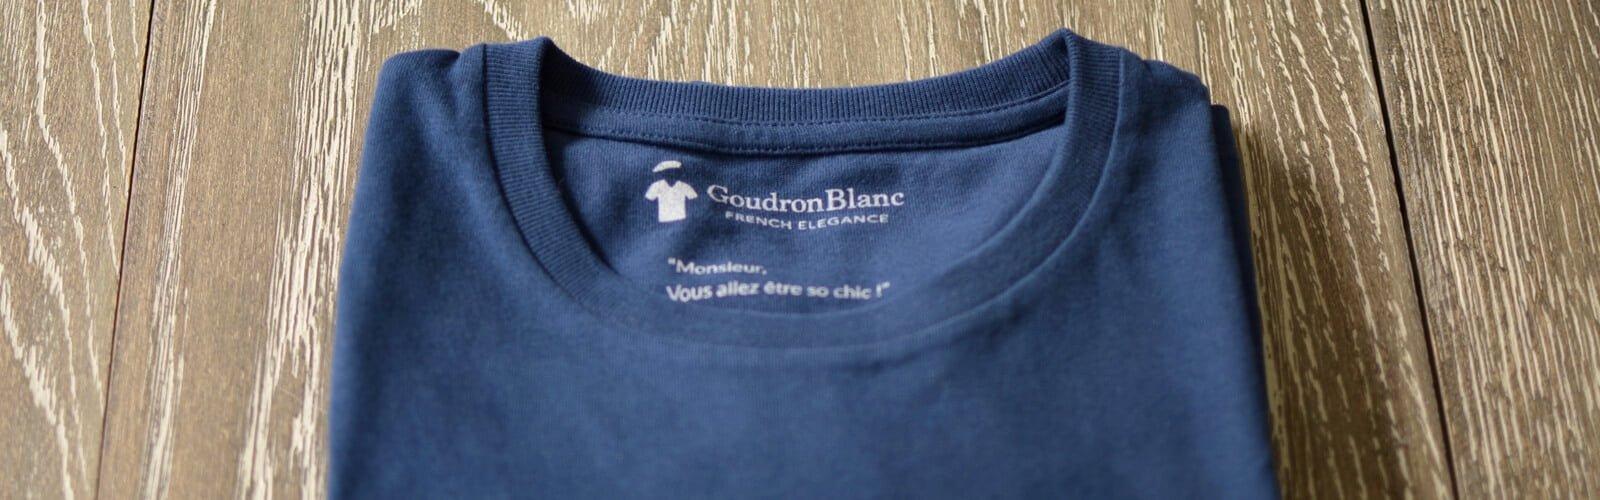 T-shirt bleu pour homme - GoudronBlanc